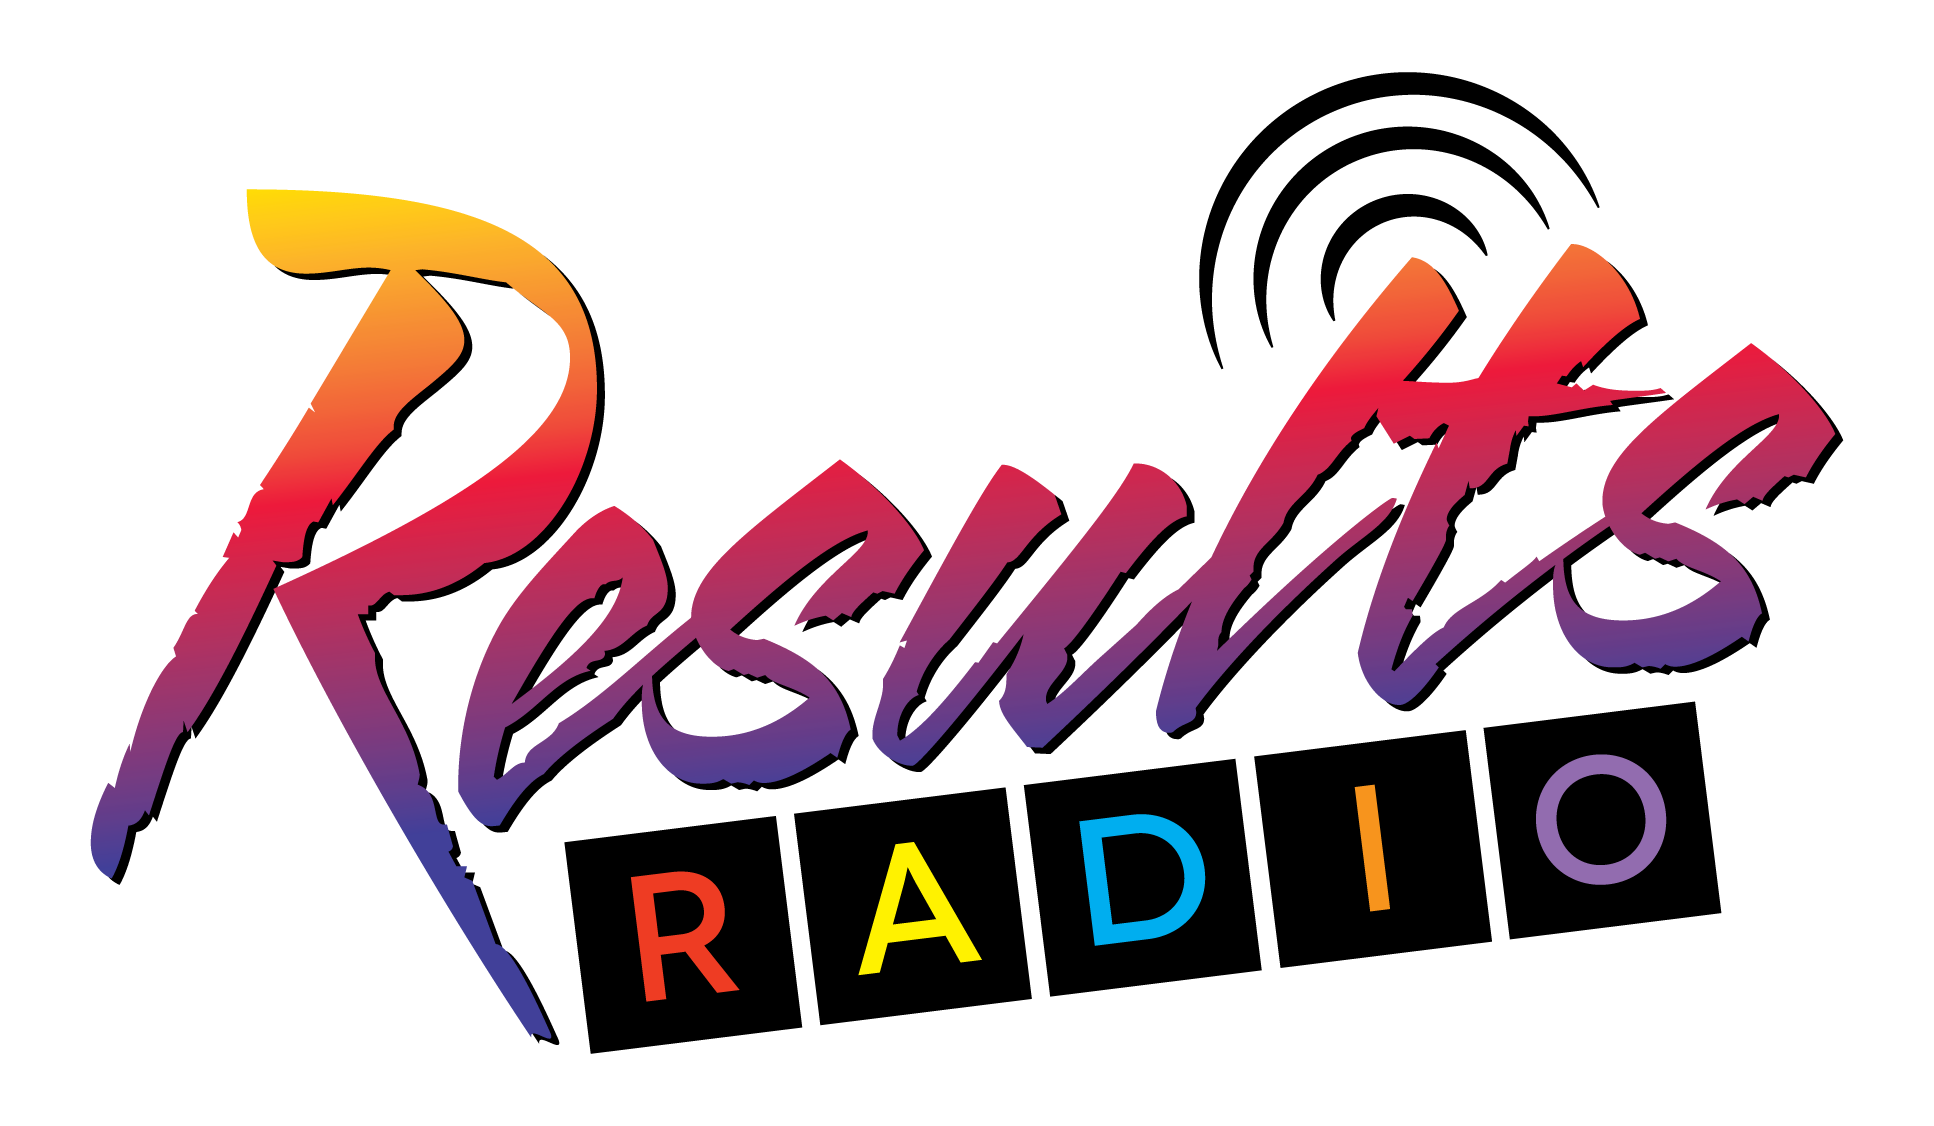 ResultsRadio_Logo_Print.png